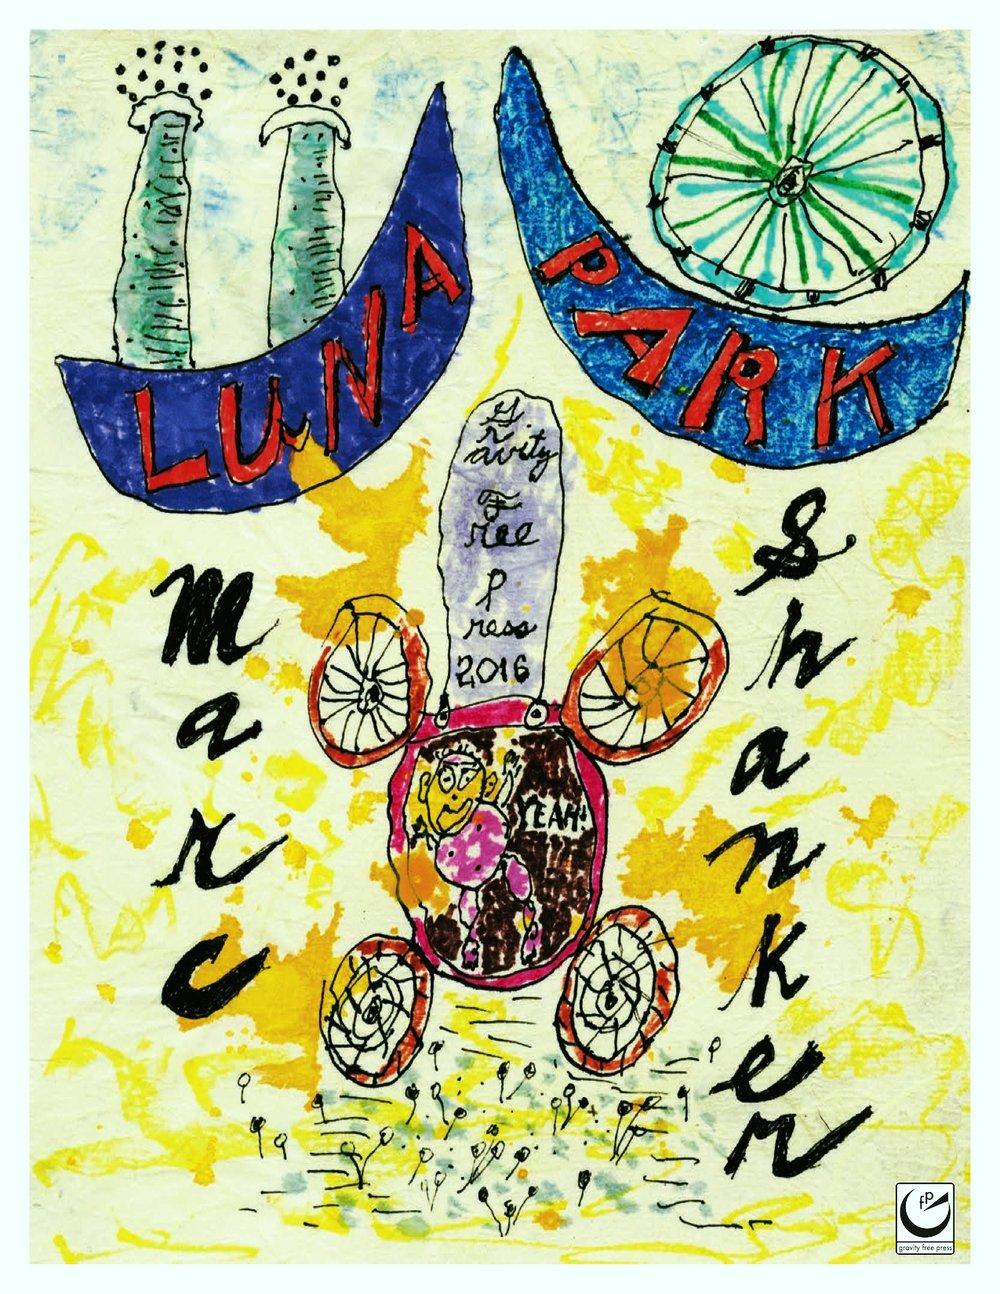 wm48911-Luna Park v2 PROOF.jpg